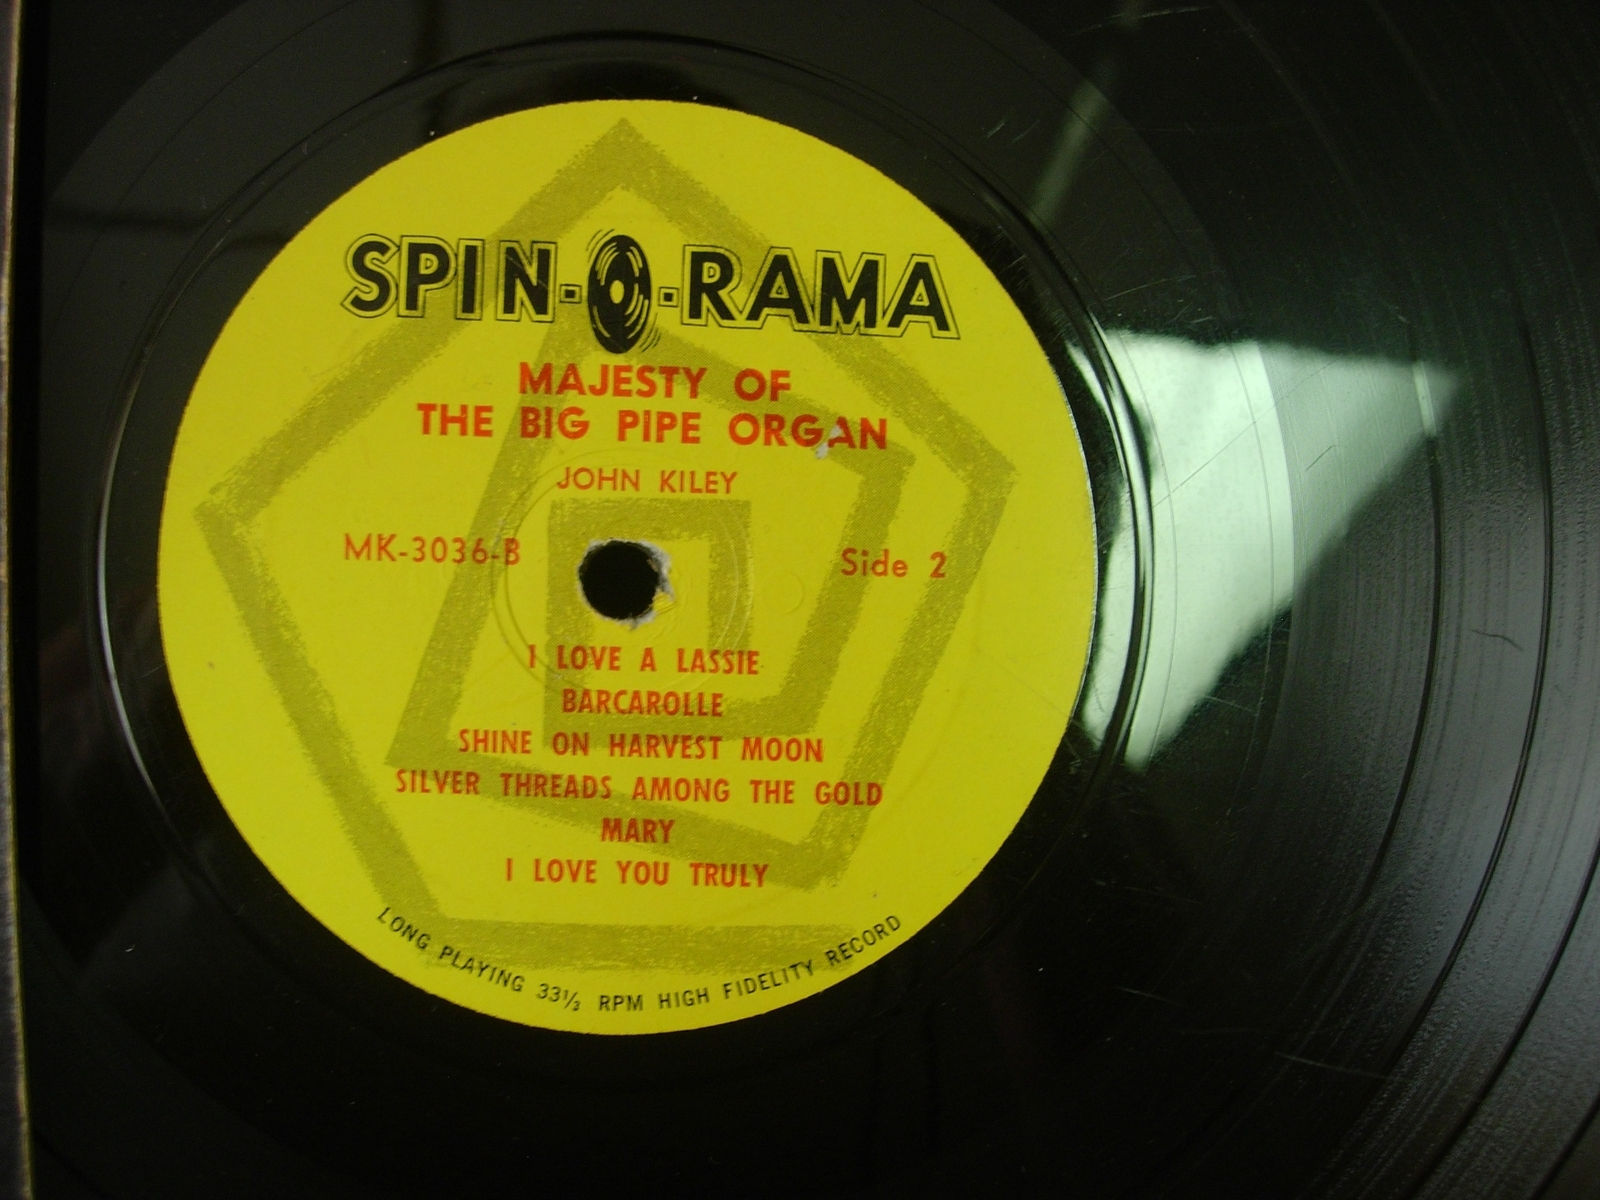 John Kiley -The Majesty of the Big Pipe Organ Vol. II - Spin-O-Rama MK 3036